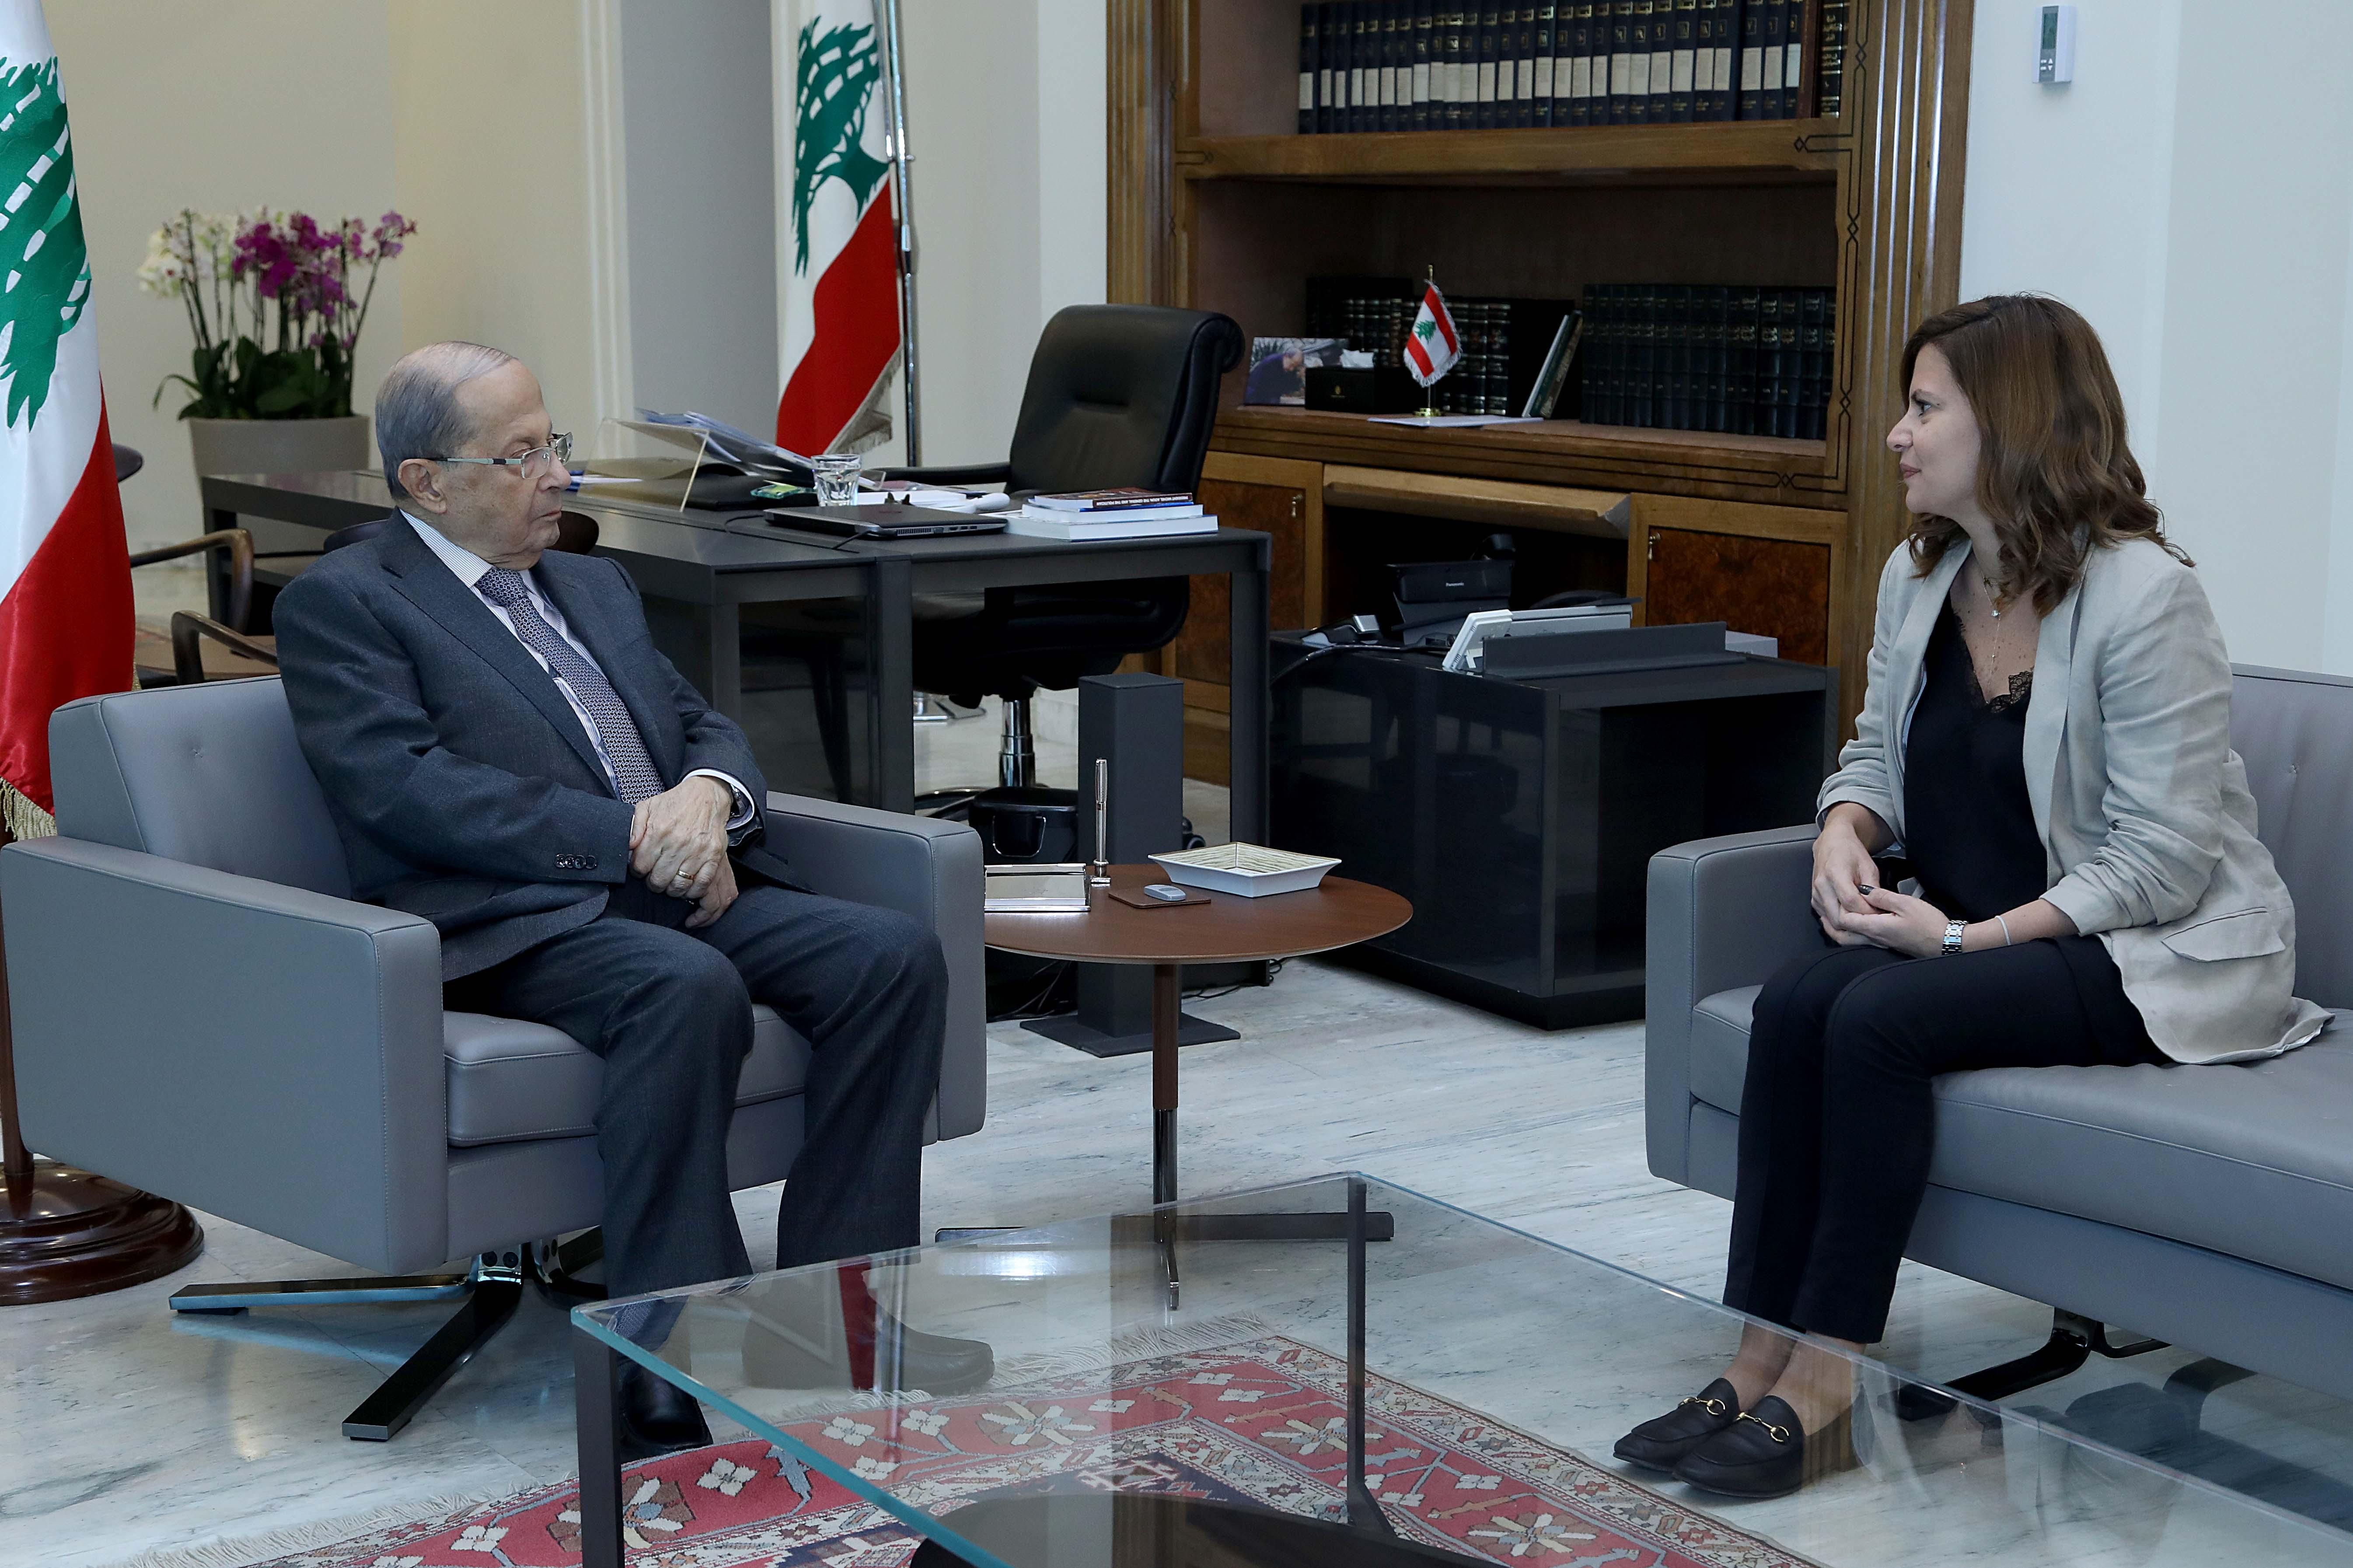 1 - Minister Nada Boustani